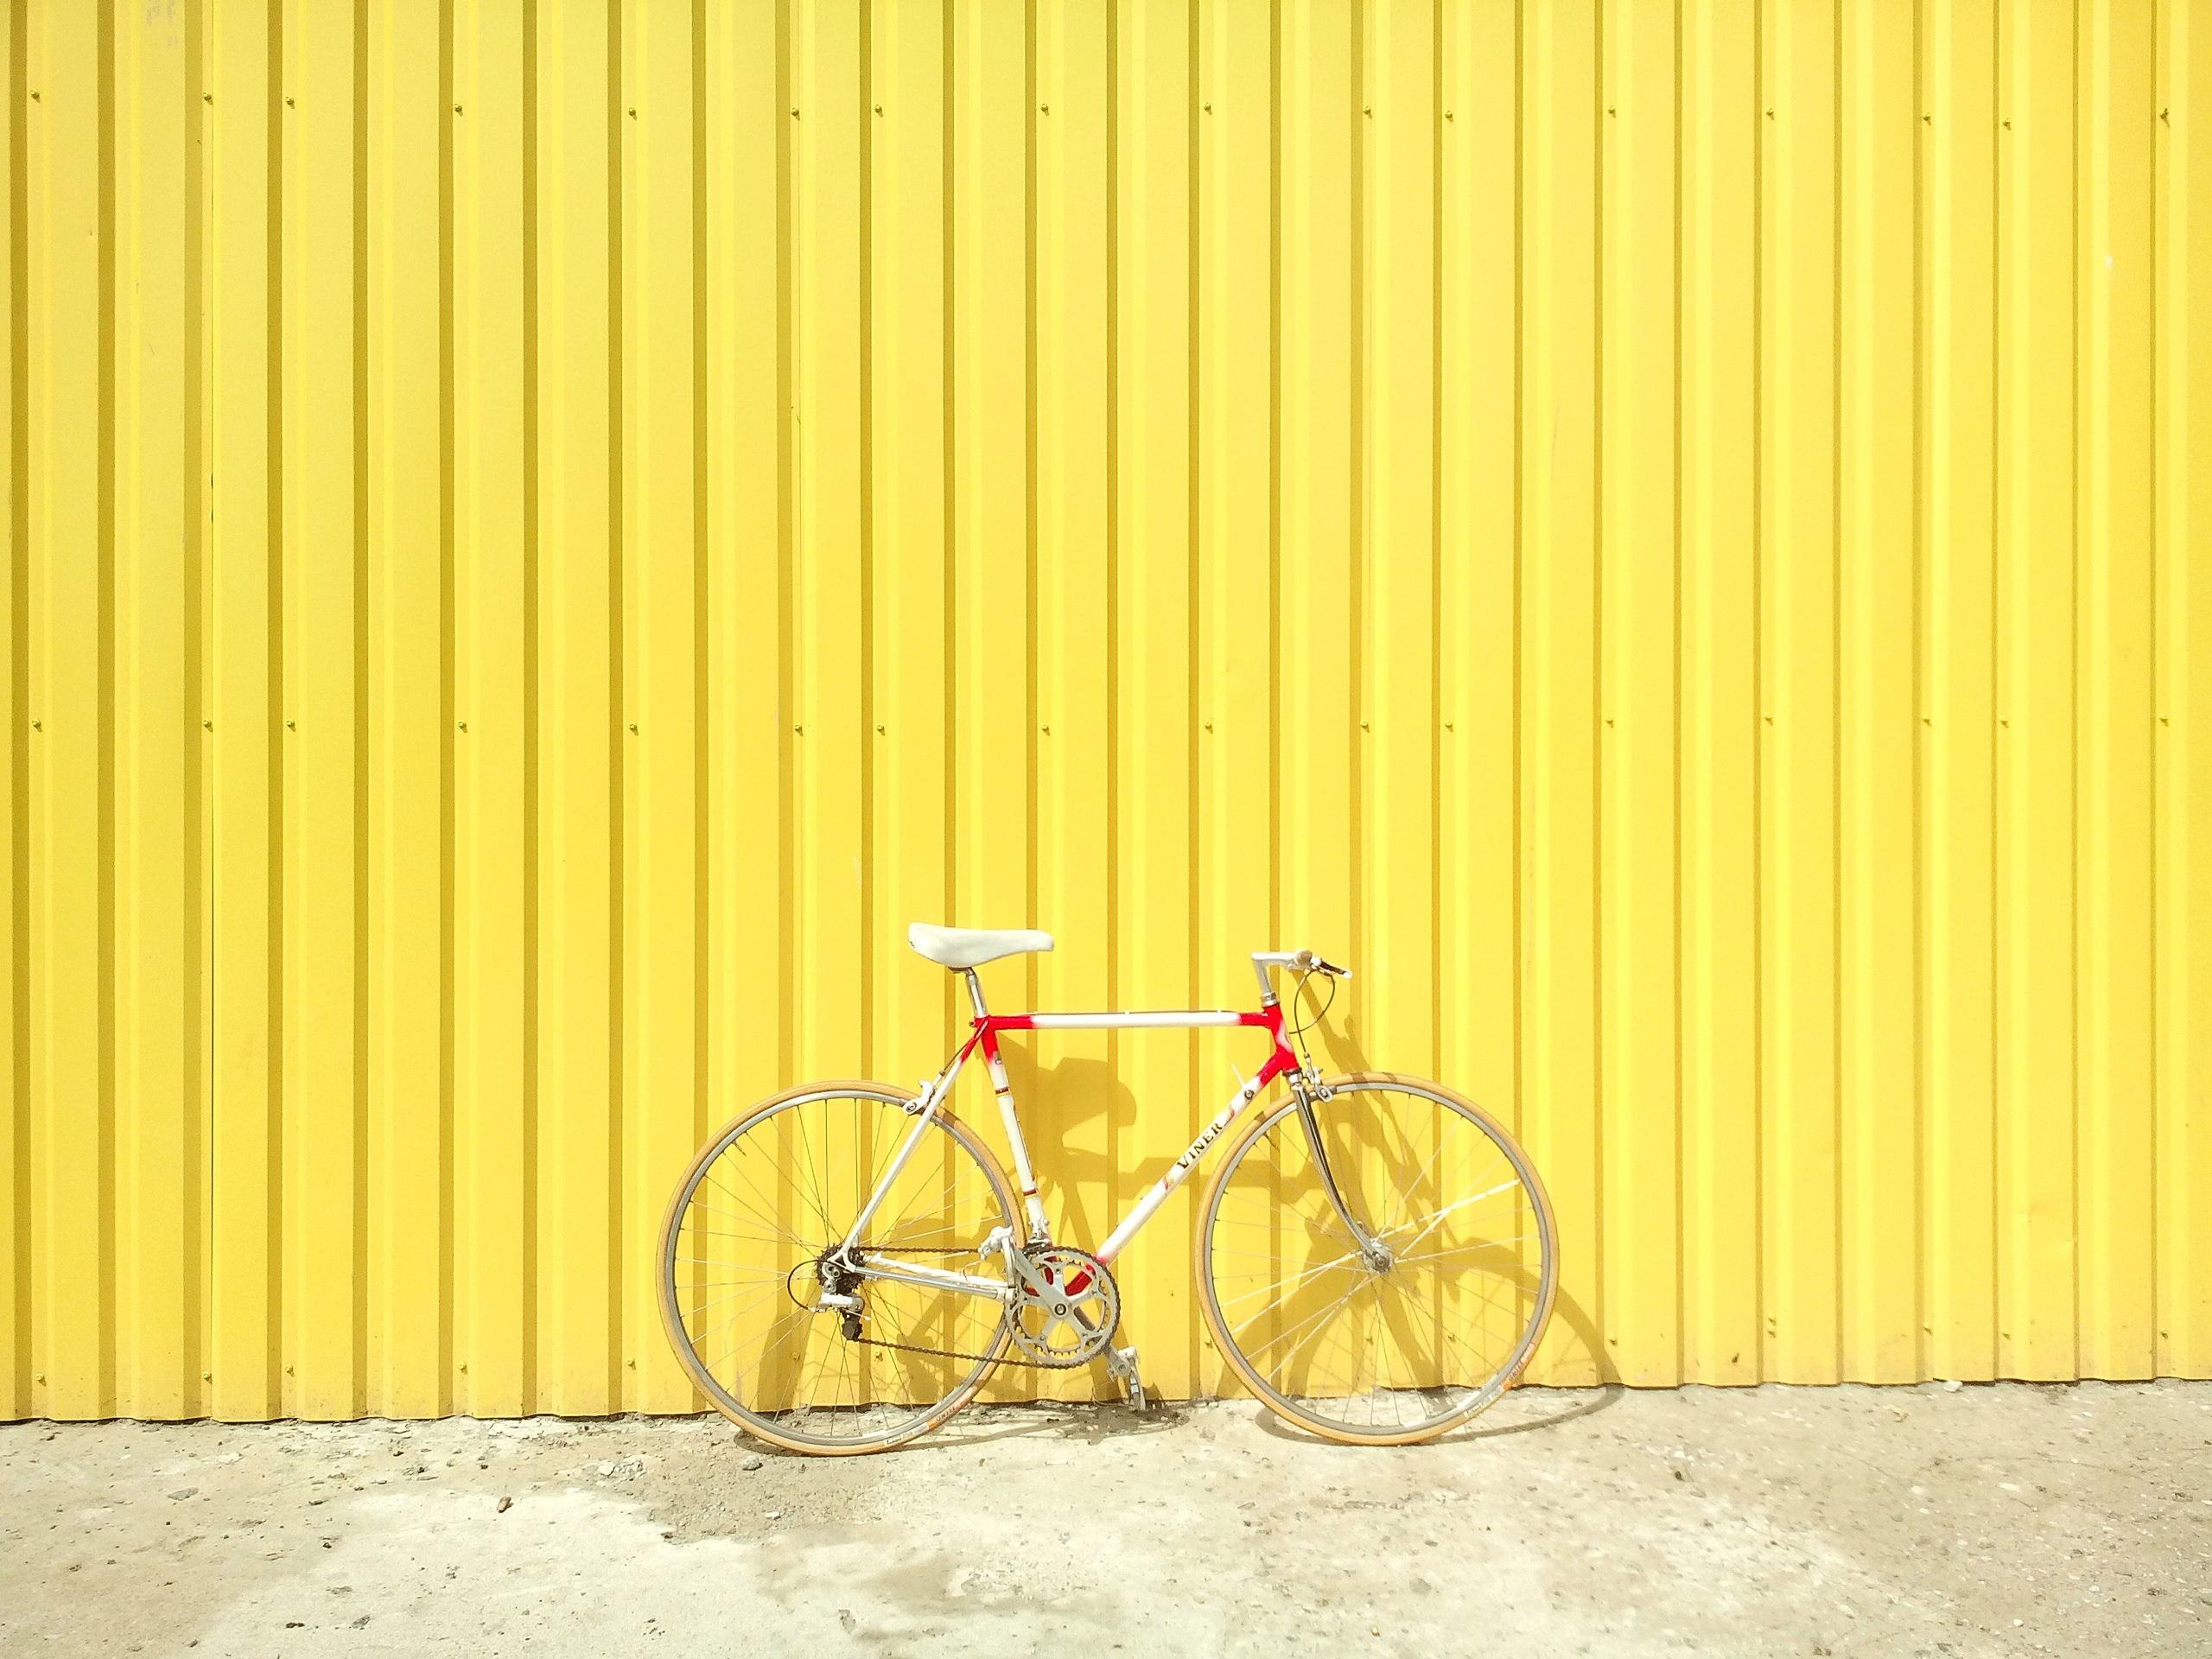 Consejos para vender tu bici en el mercado de segunda mano